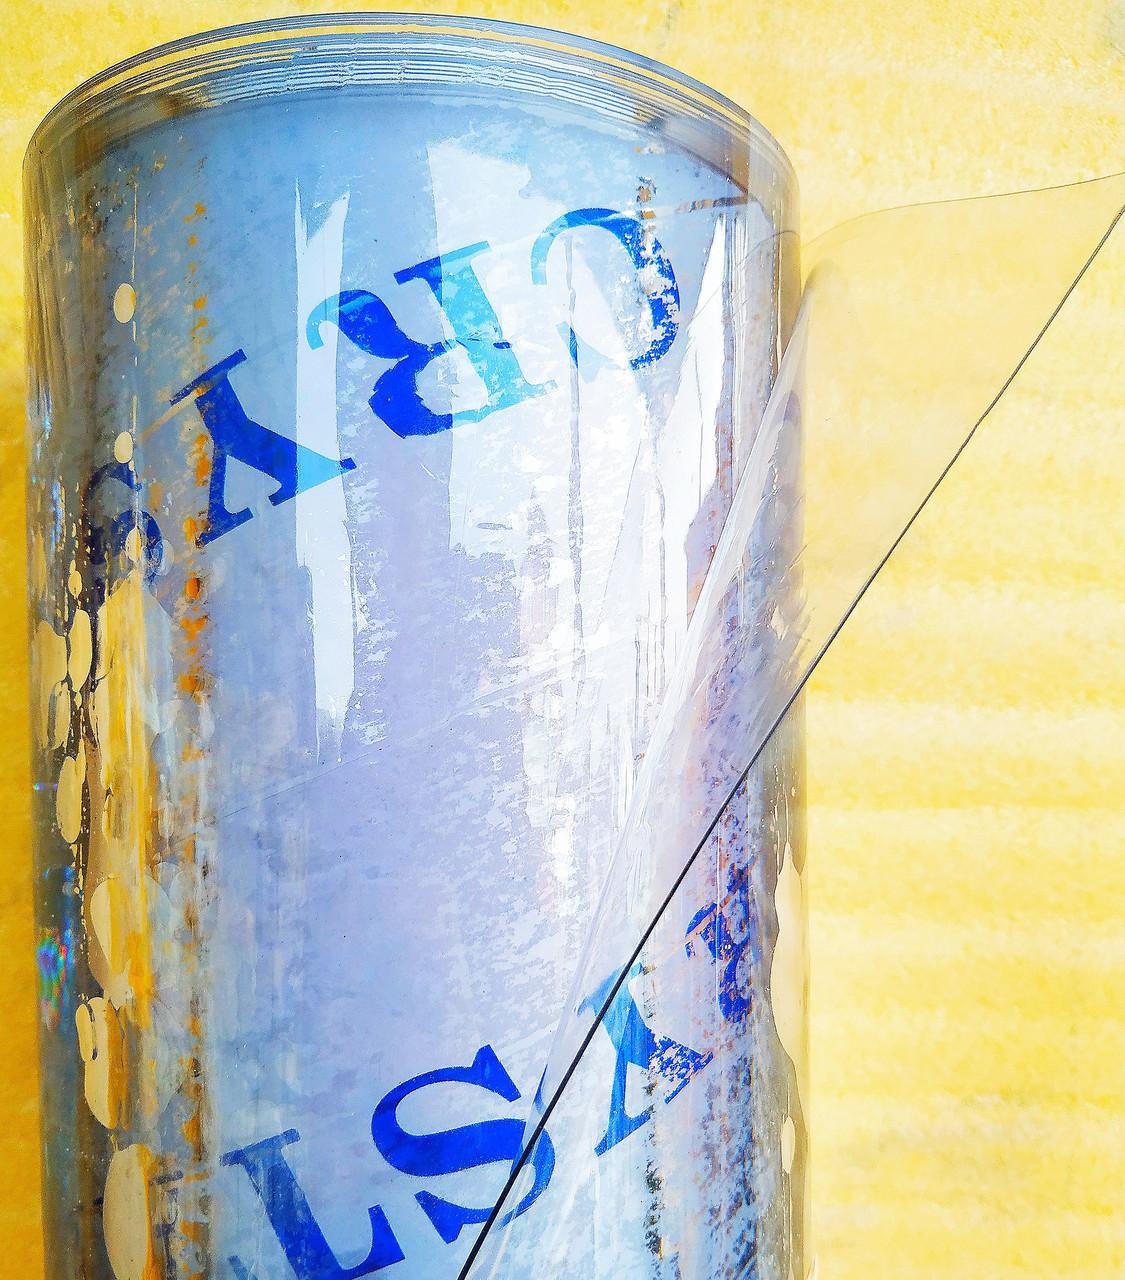 Пленка ПВХ СИЛИКОН на метраж. 500 мкм плотность. Ширина 1.50м. Прозрачная. Гибкое стекло.